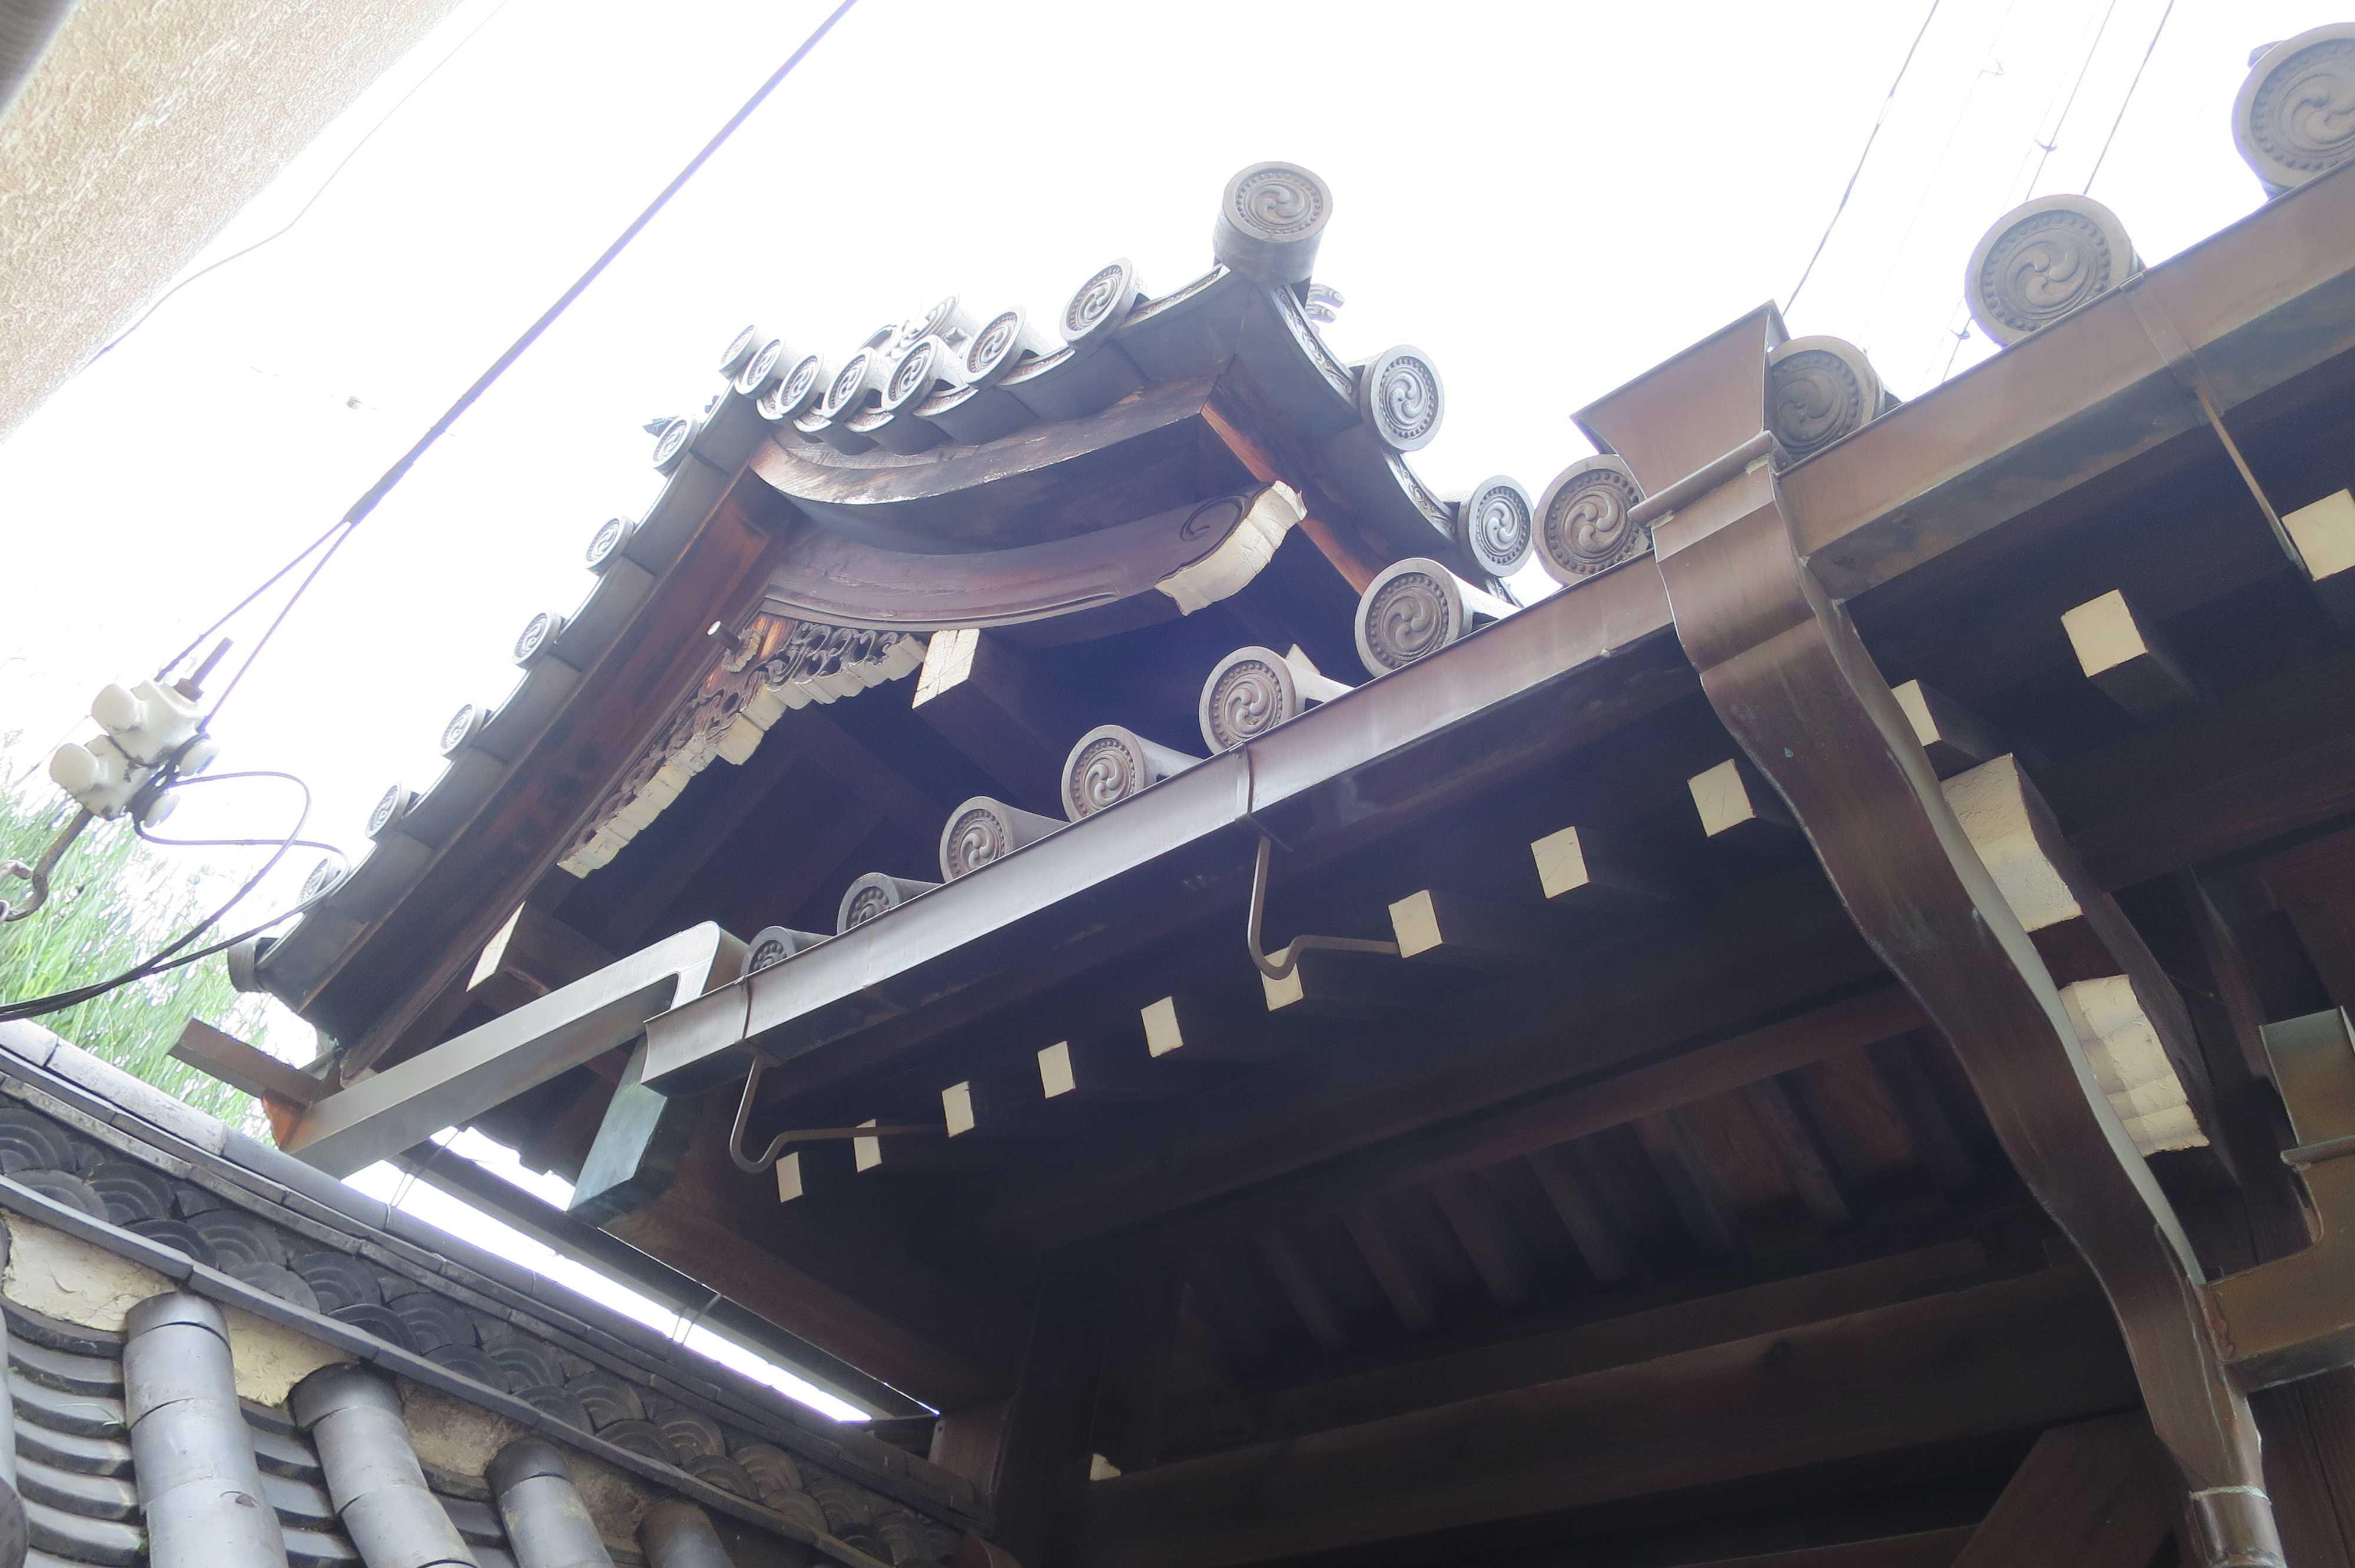 島原大門 - 本瓦葺、切妻の高麗門